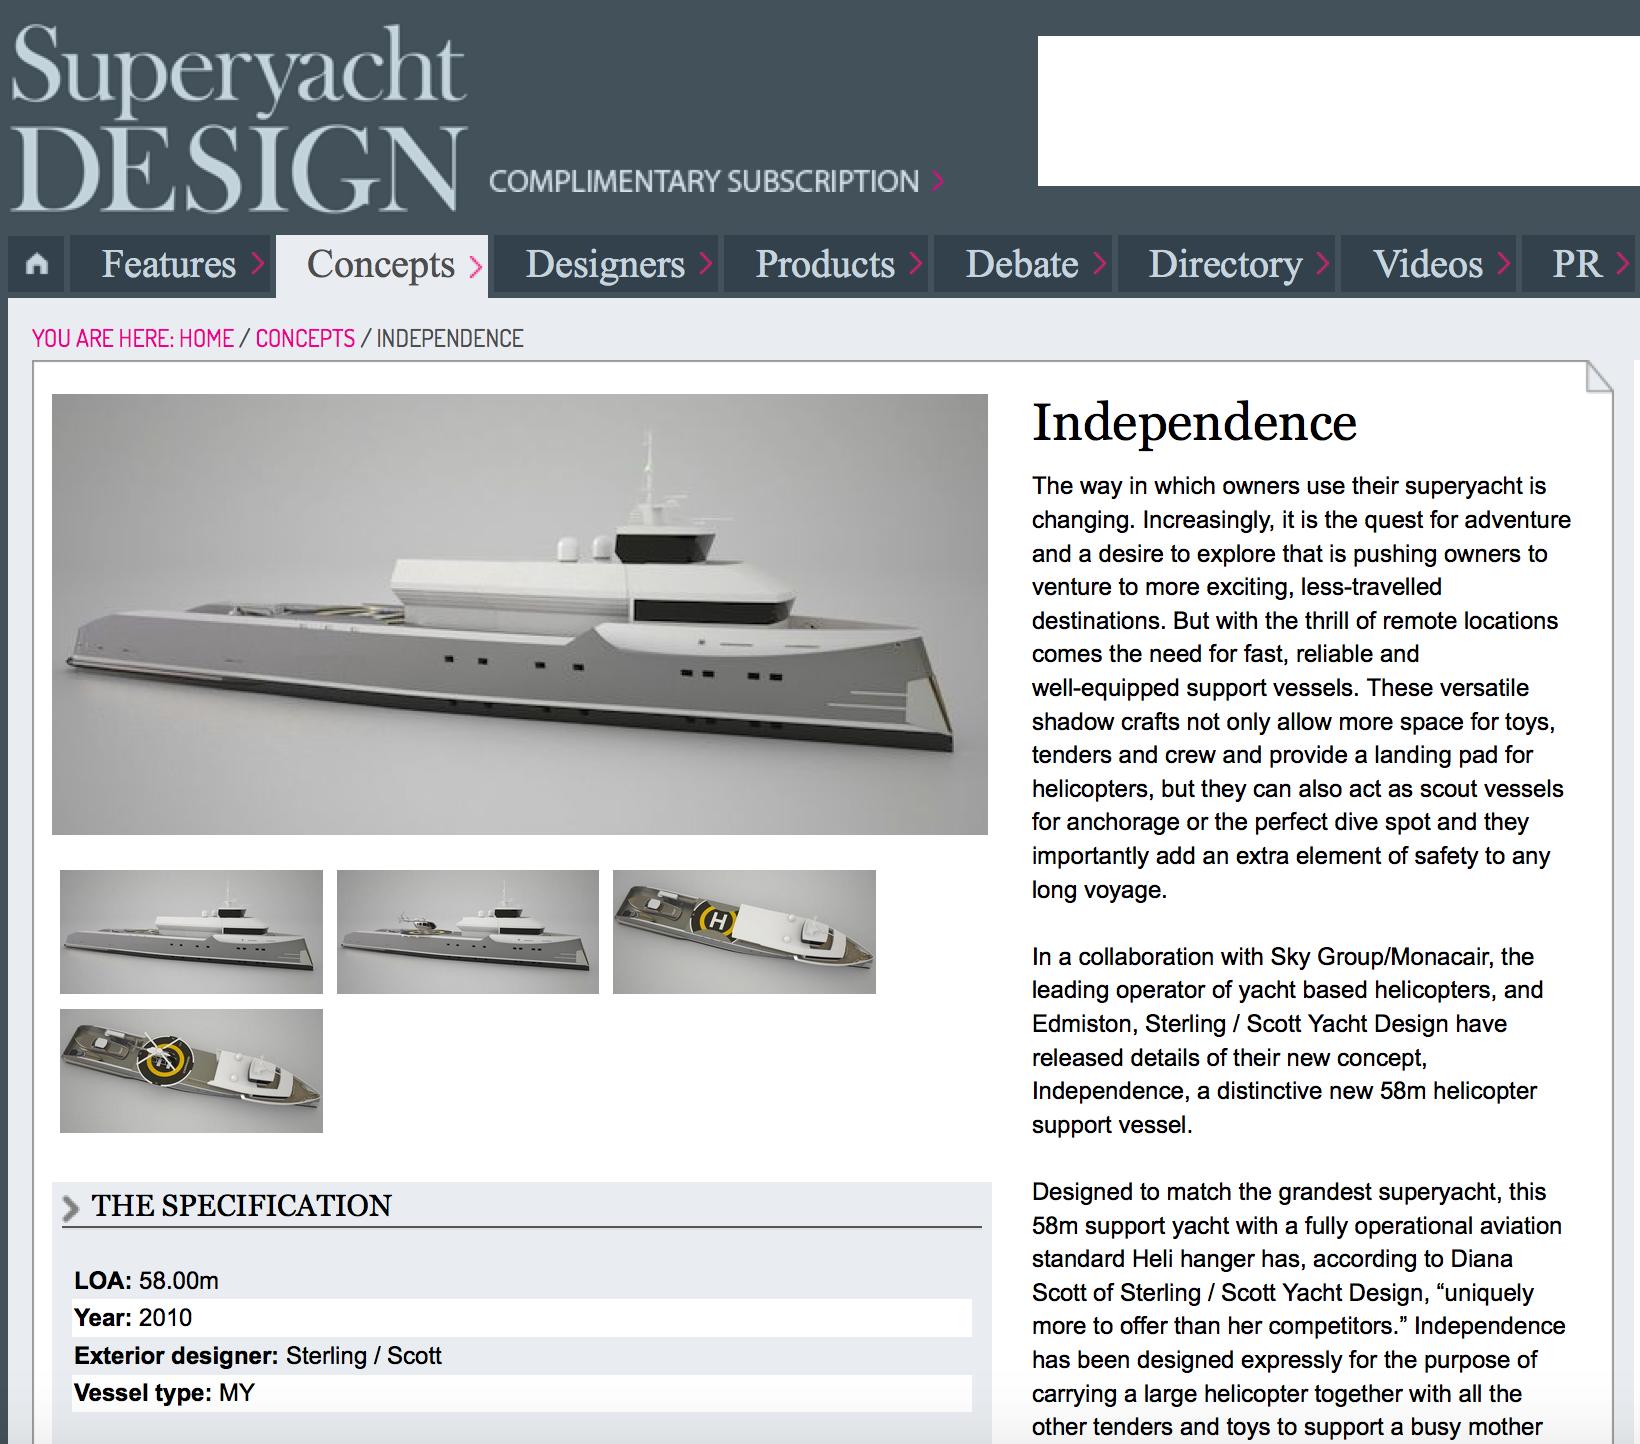 Superyacht Design